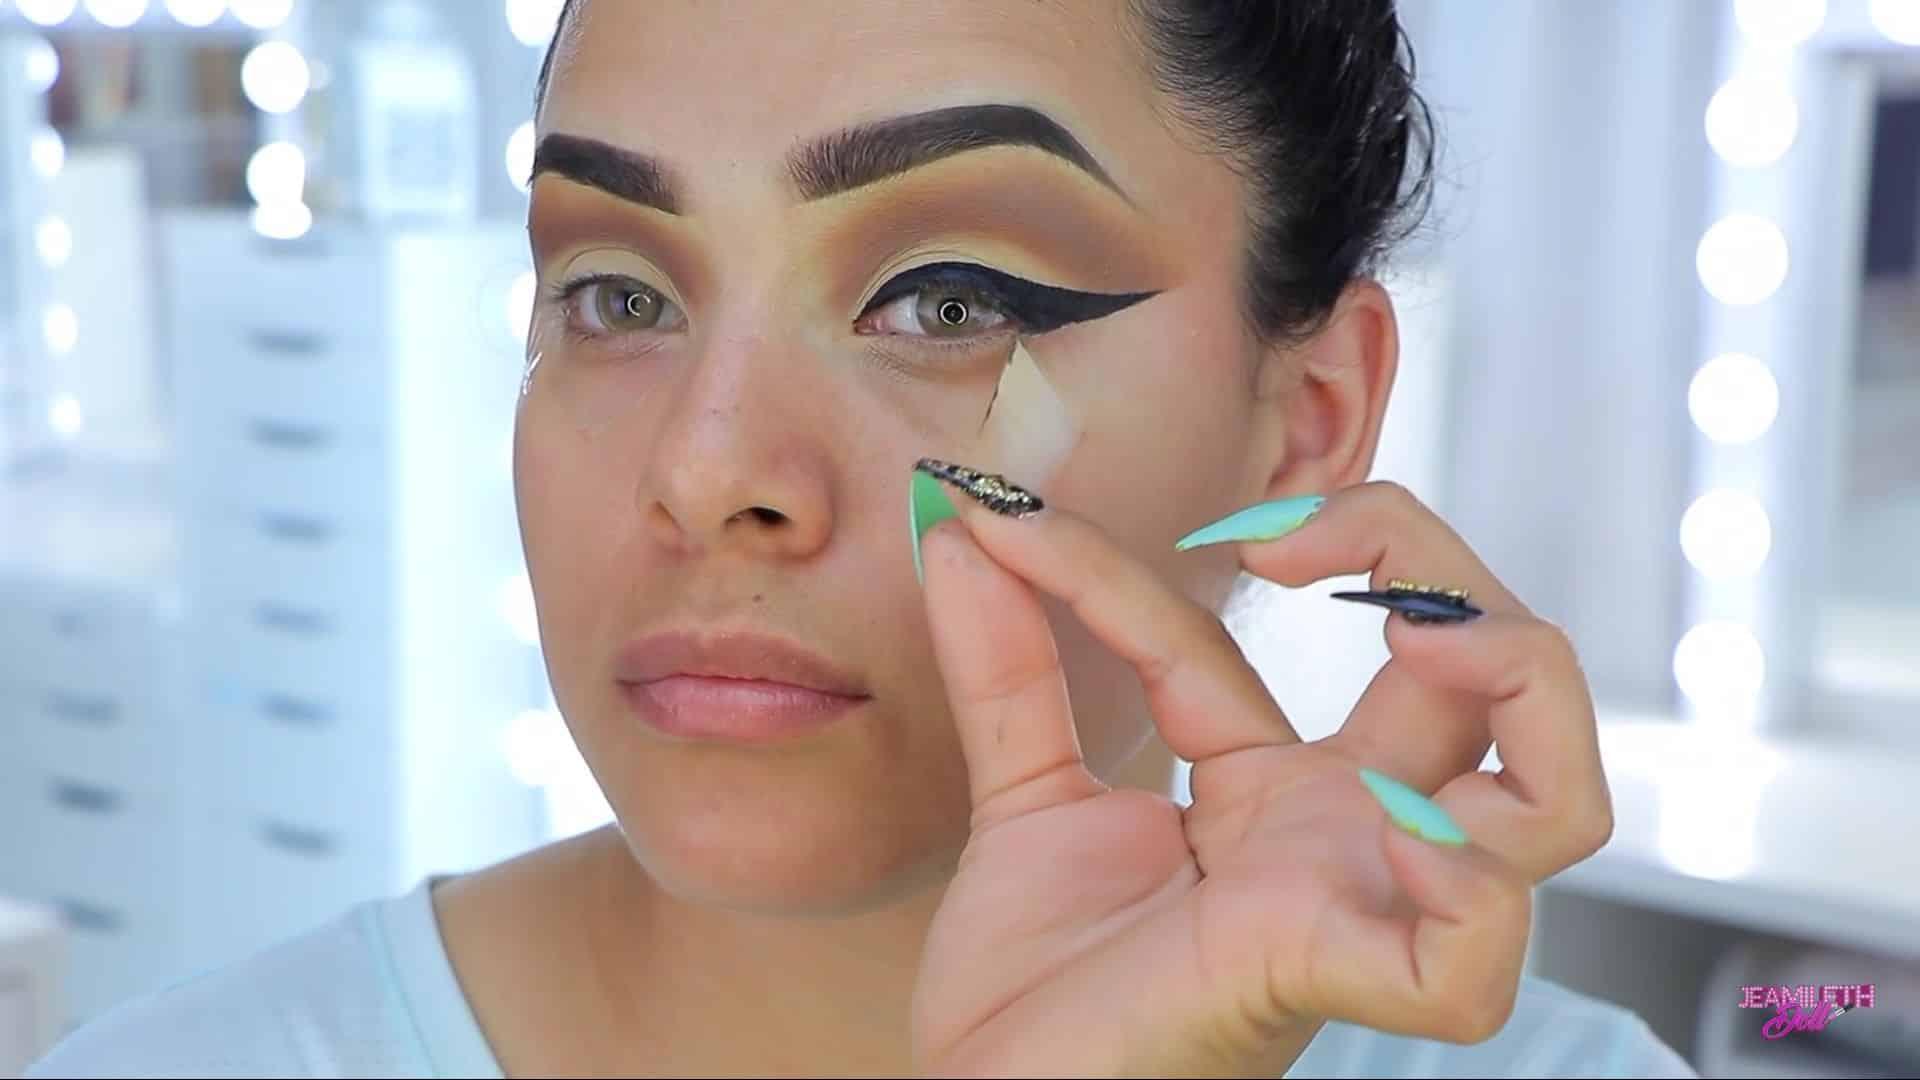 Maquillate como Jasmine facil y rapido Jeamileth Doll 2020, despegar cinya adhesiva.